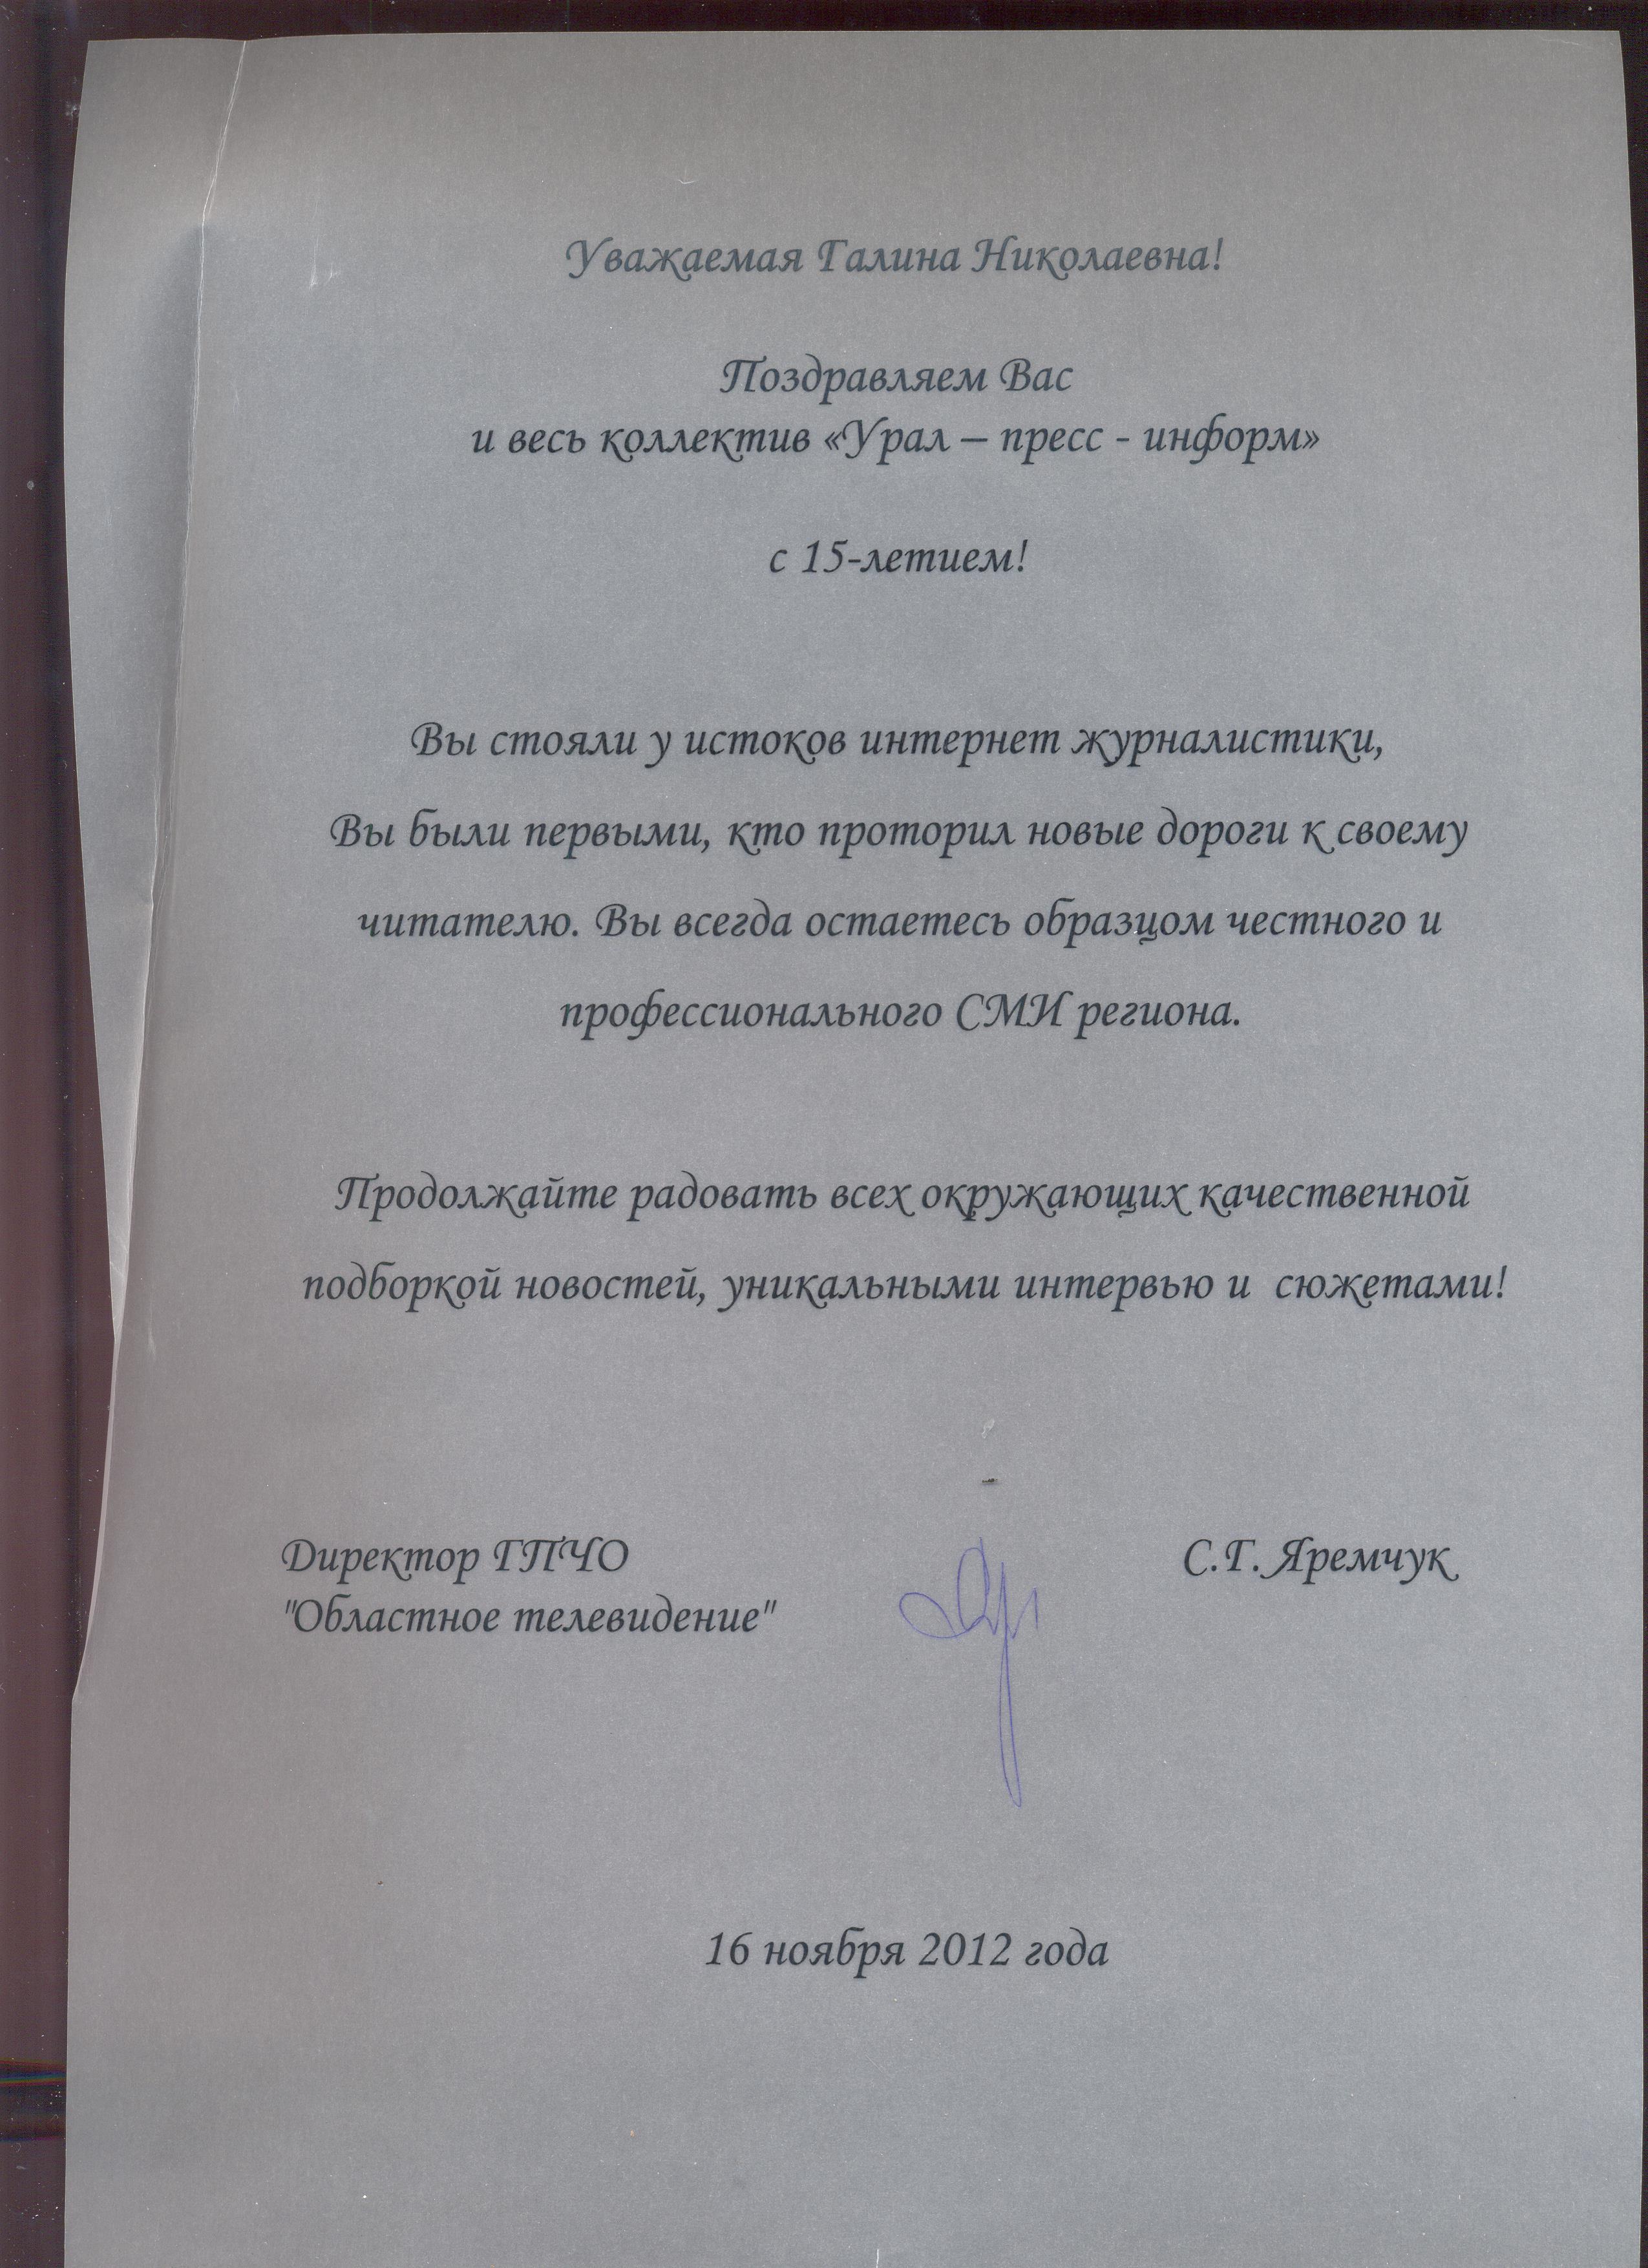 2012   ГПЧО «Областное телевидение»